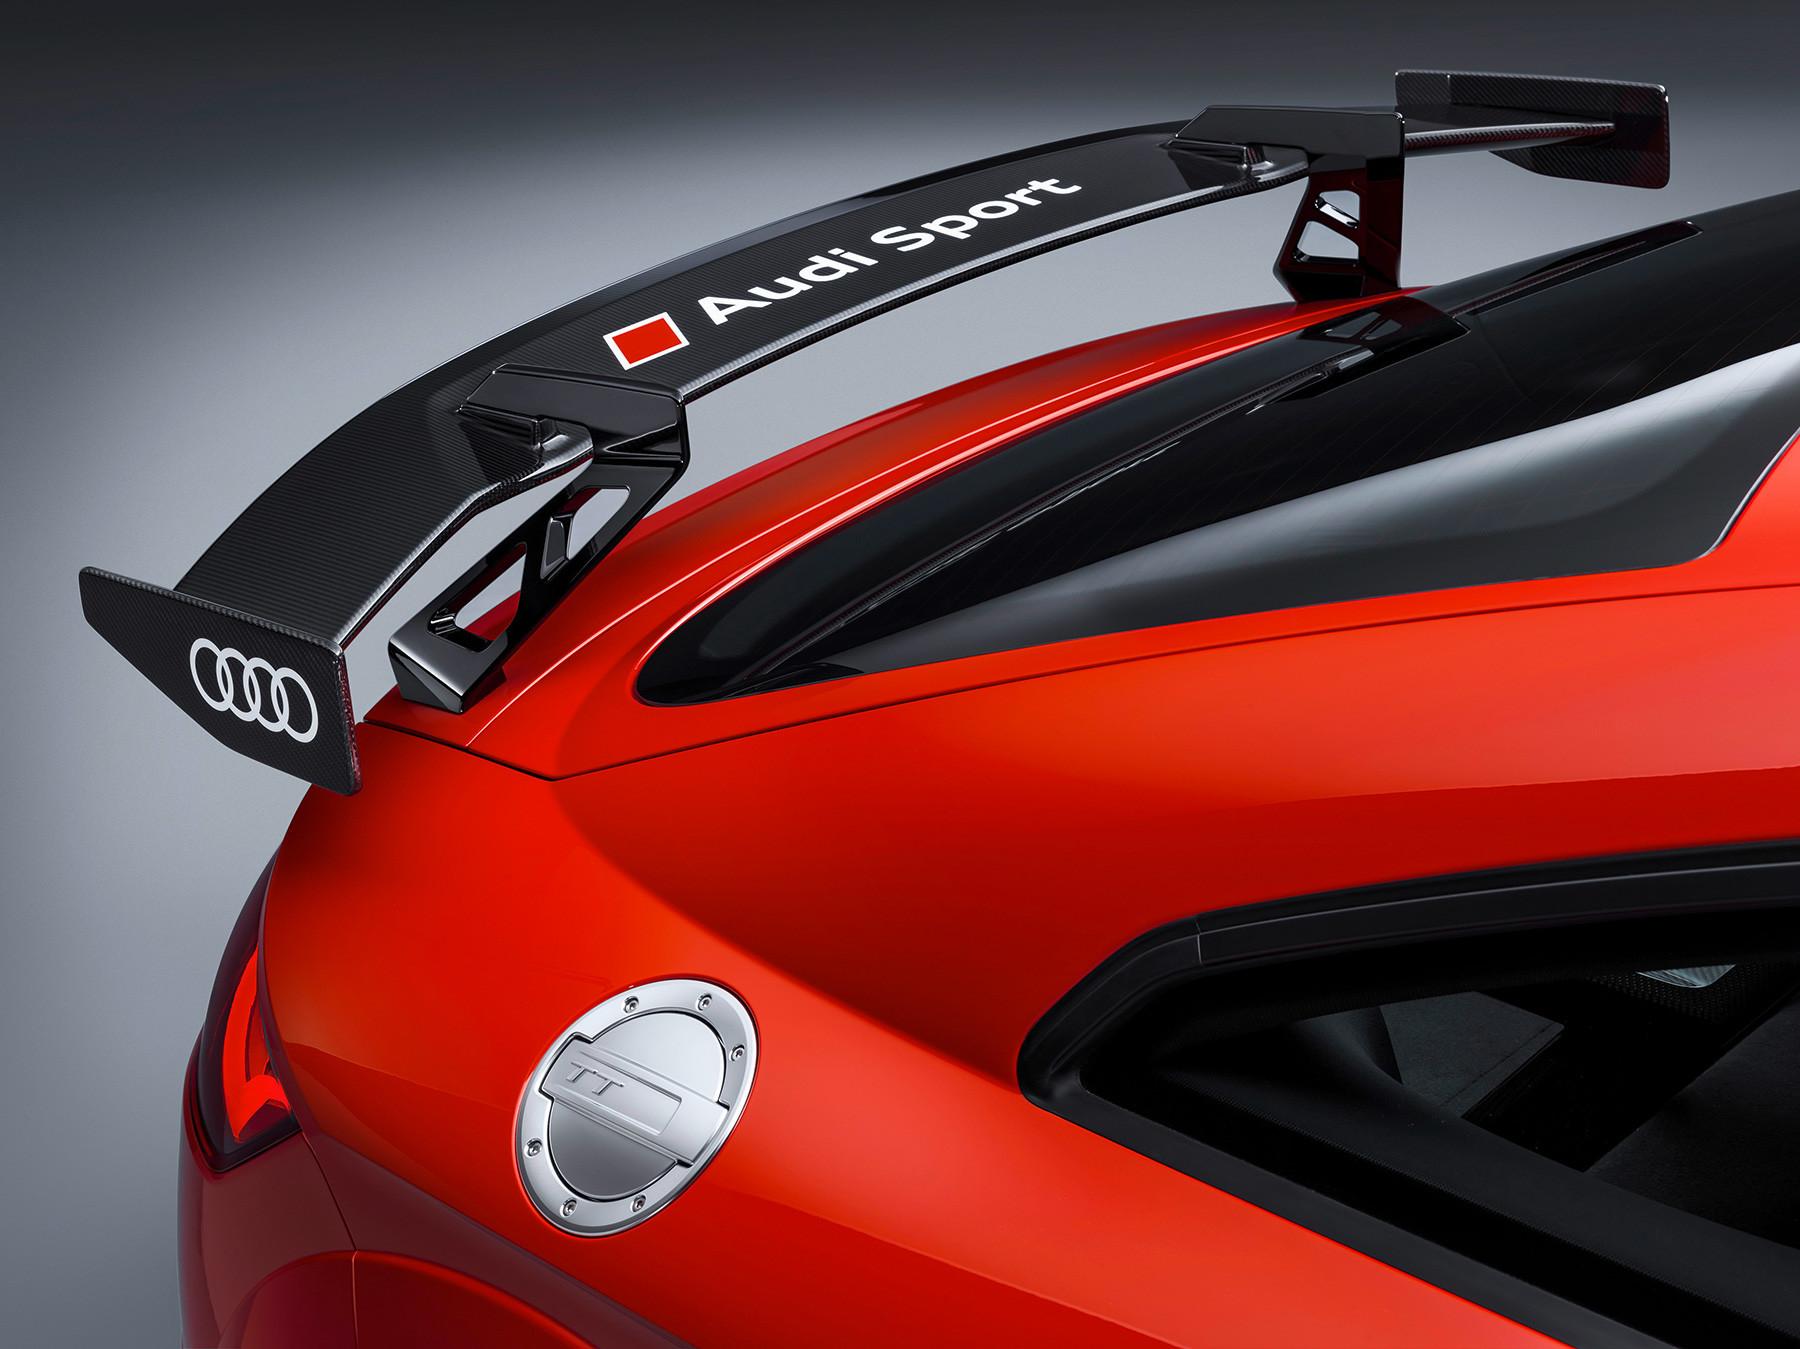 Foto de Audi Sport Performance Parts le inyecta más deportividad al R8 y TT (9/10)